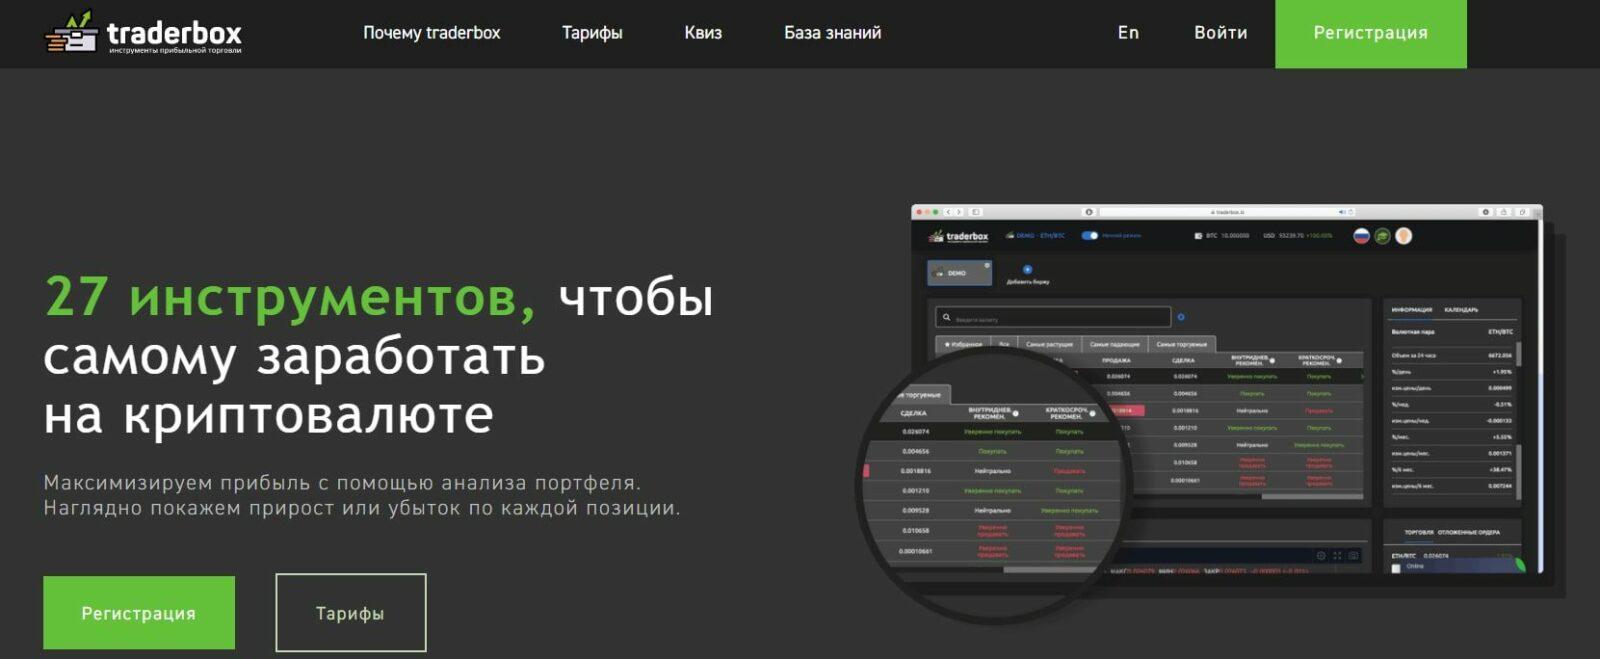 Сайт TraderBox